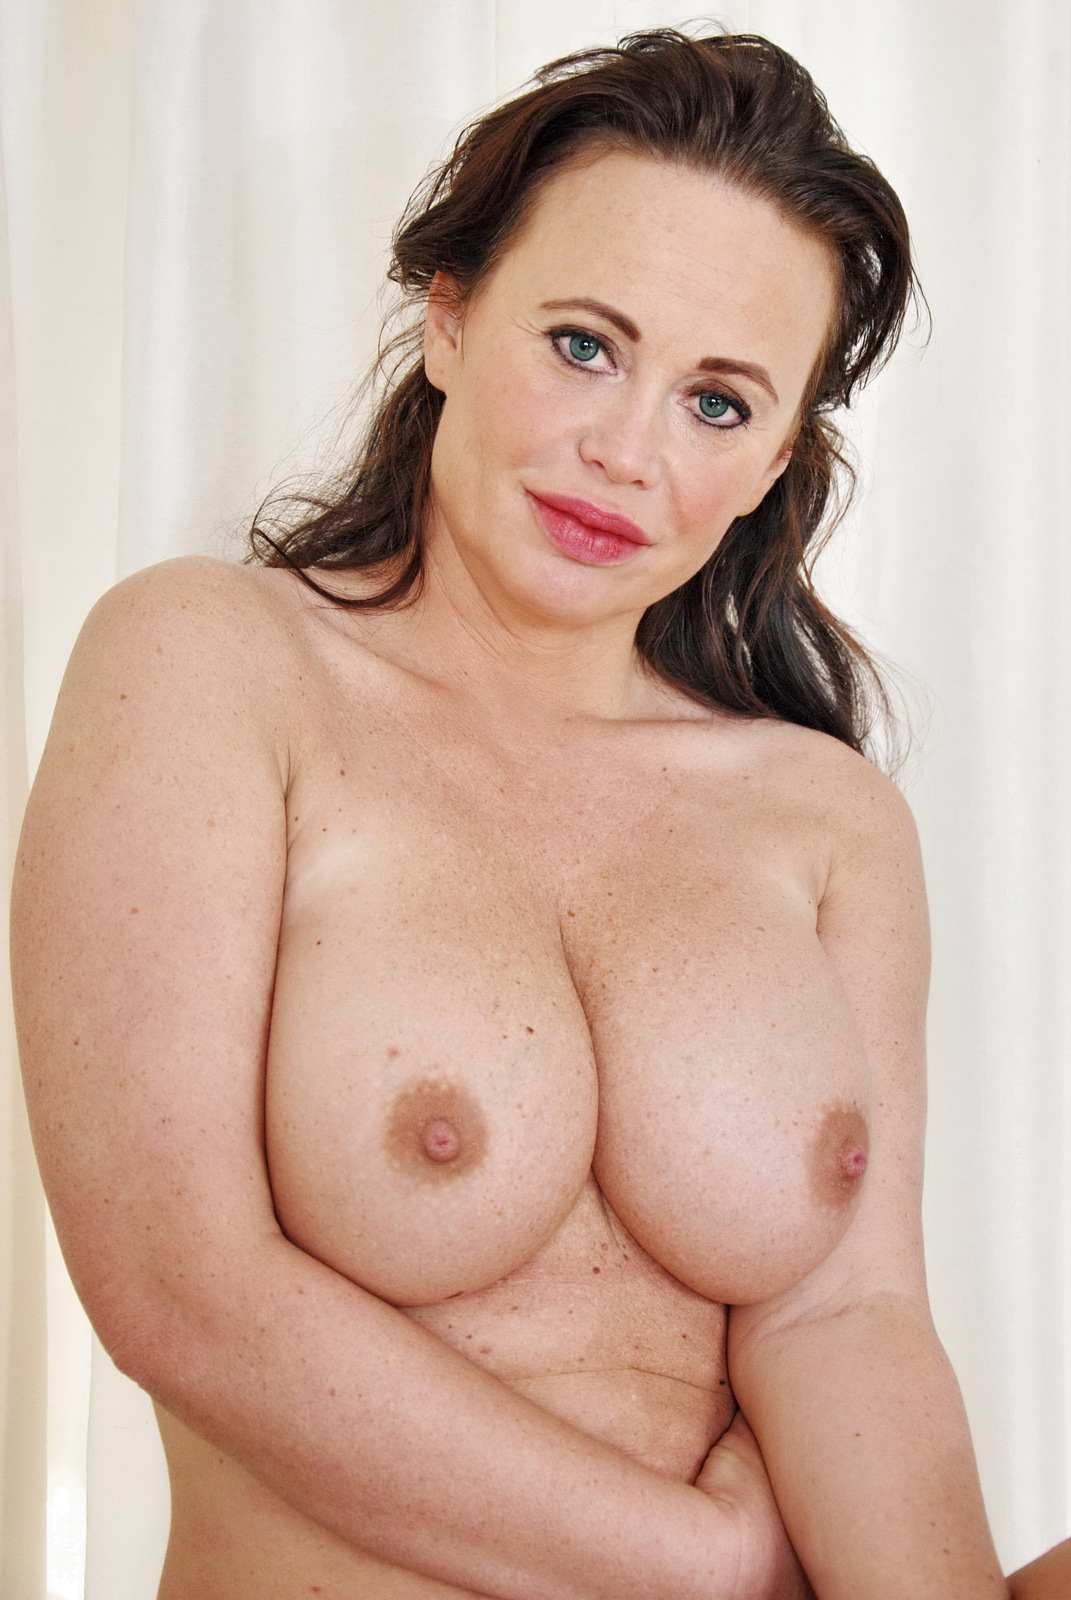 LusciousModels - Clemi Erotic Milf Porn Model 31